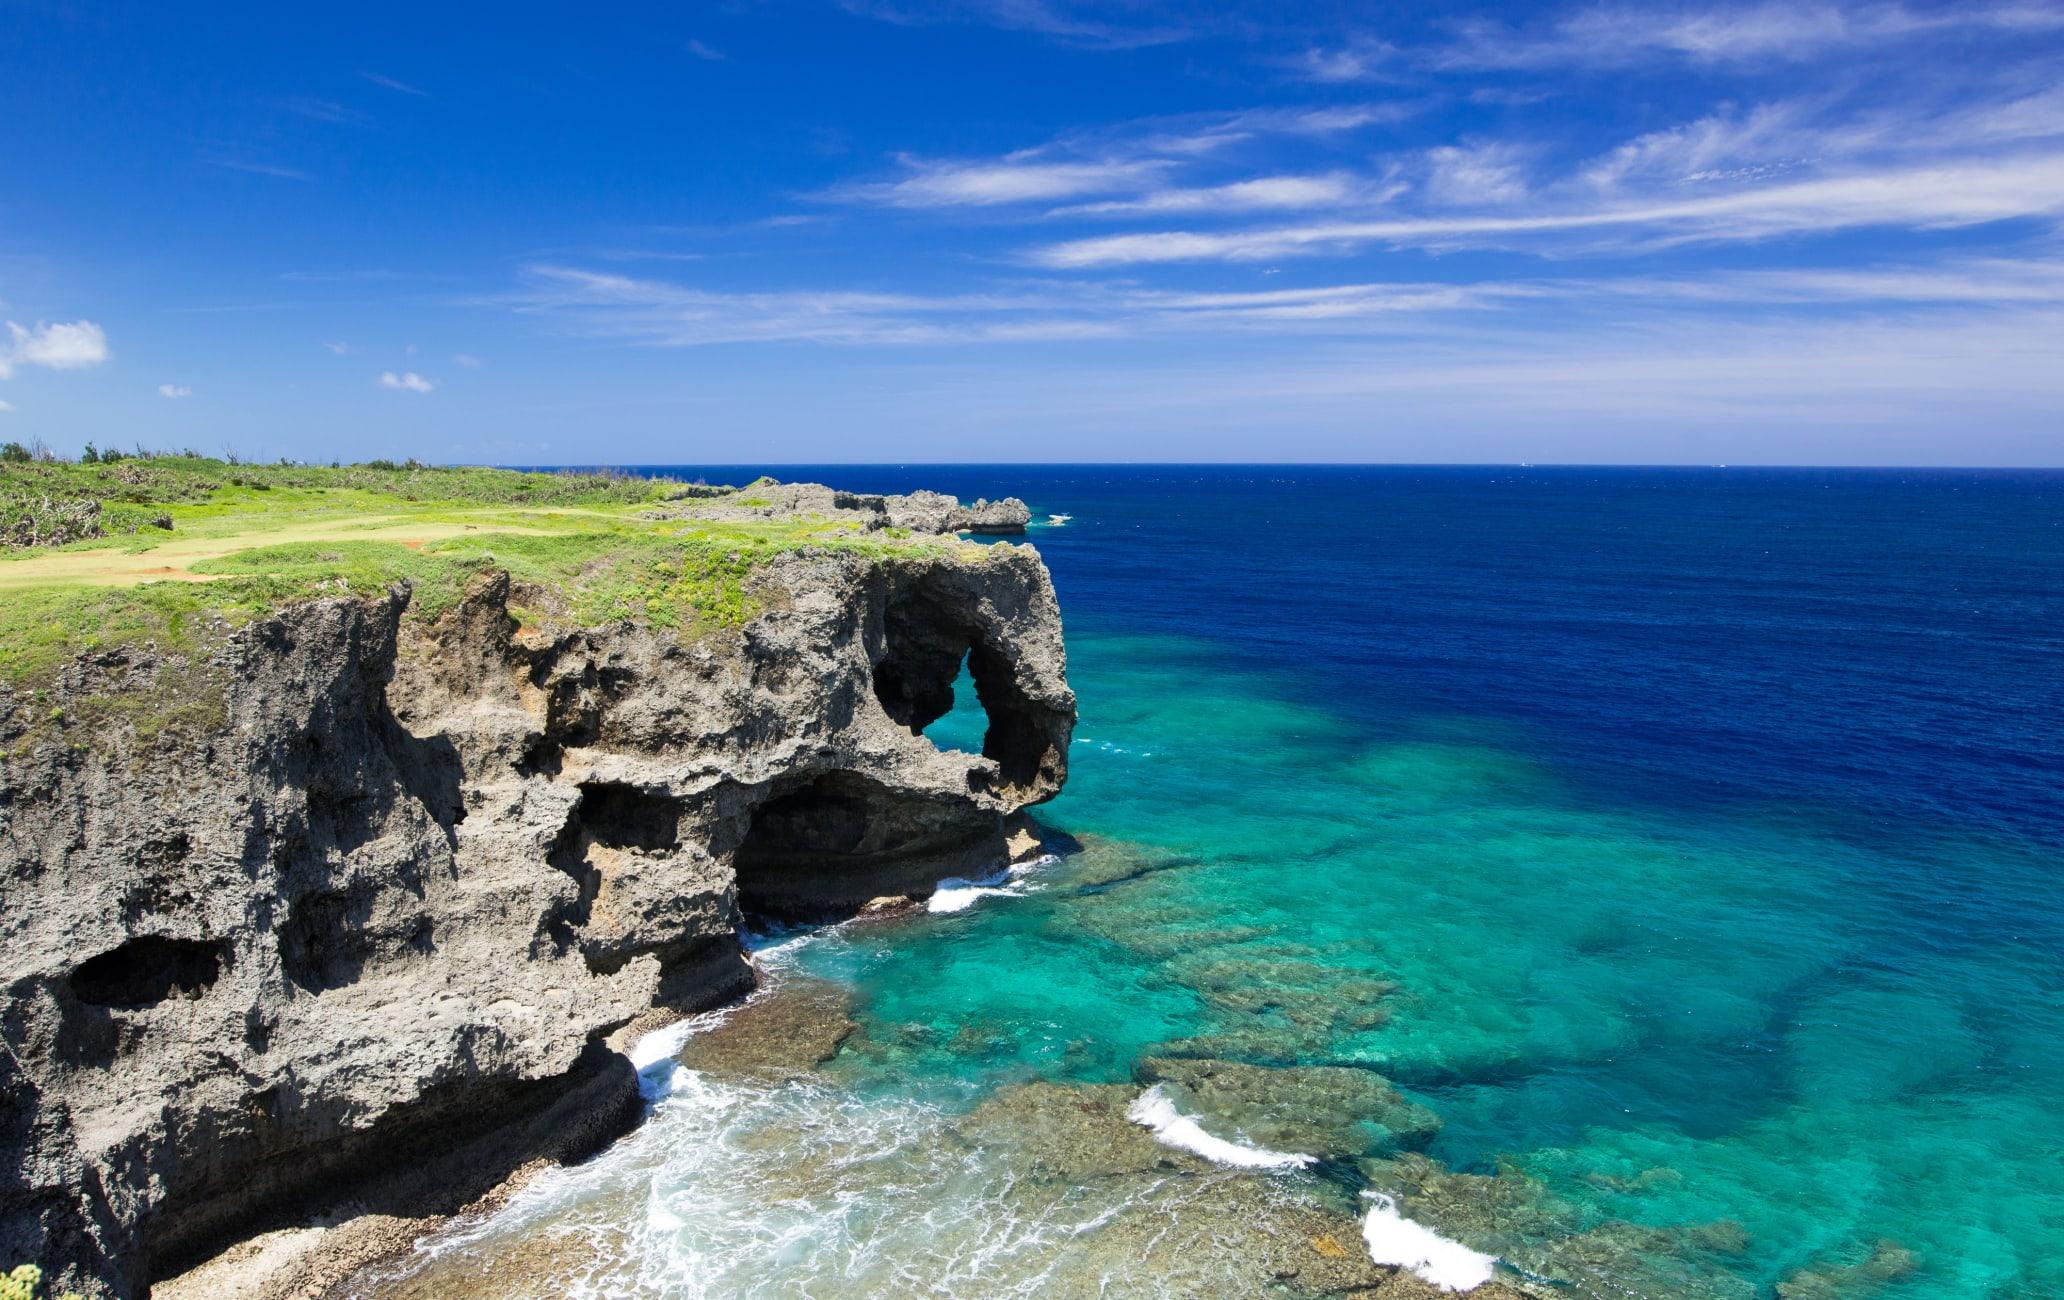 Northern Okinawa